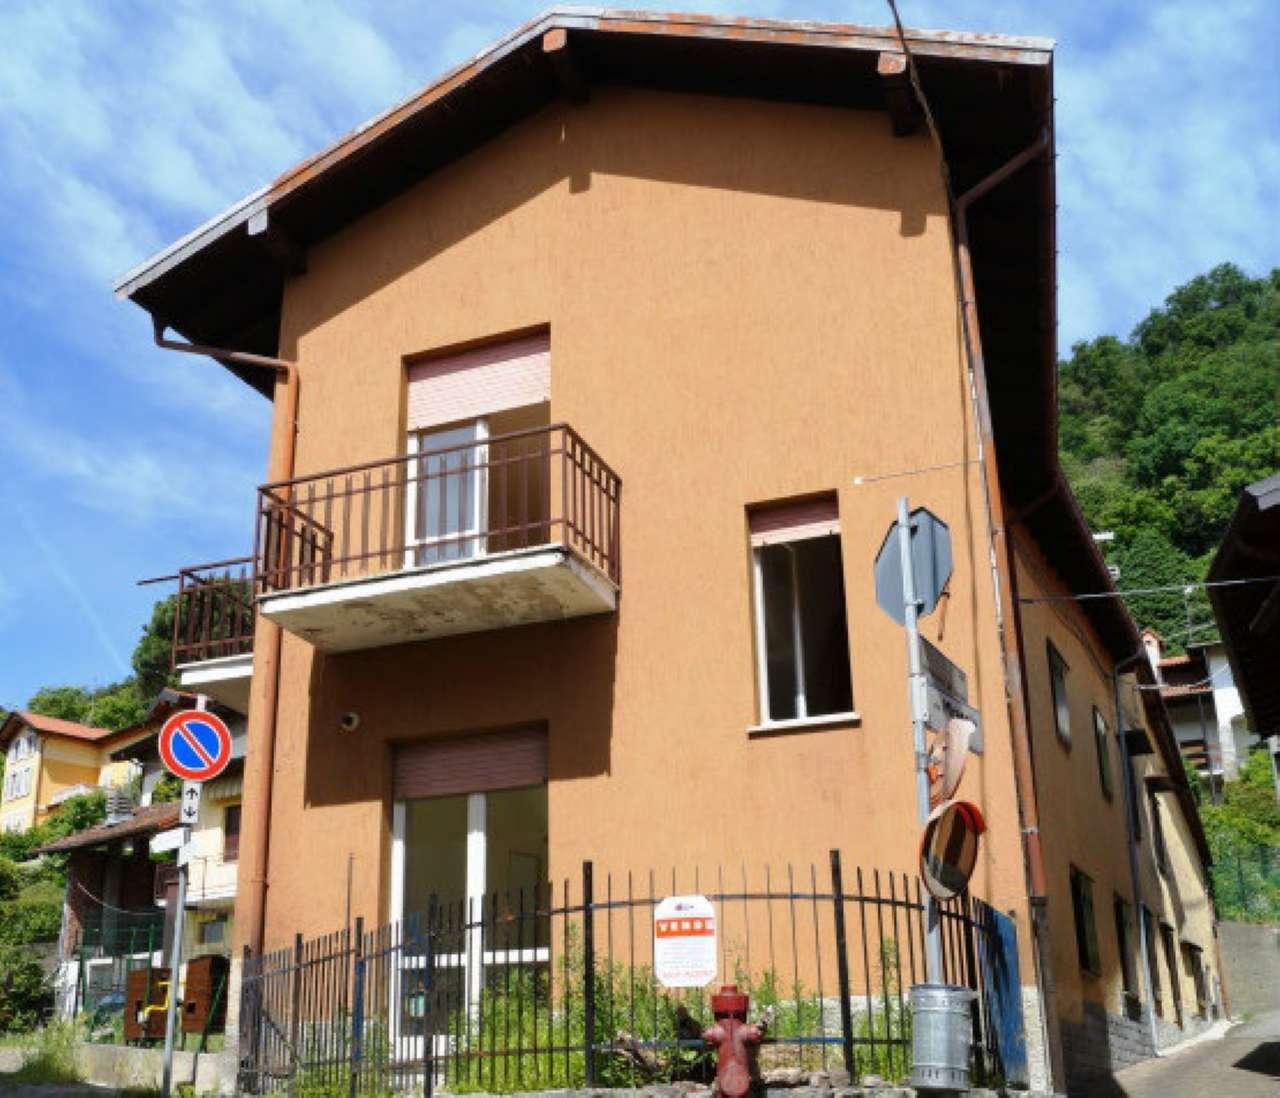 Soluzione Semindipendente in vendita a Comabbio, 3 locali, prezzo € 49.000 | CambioCasa.it